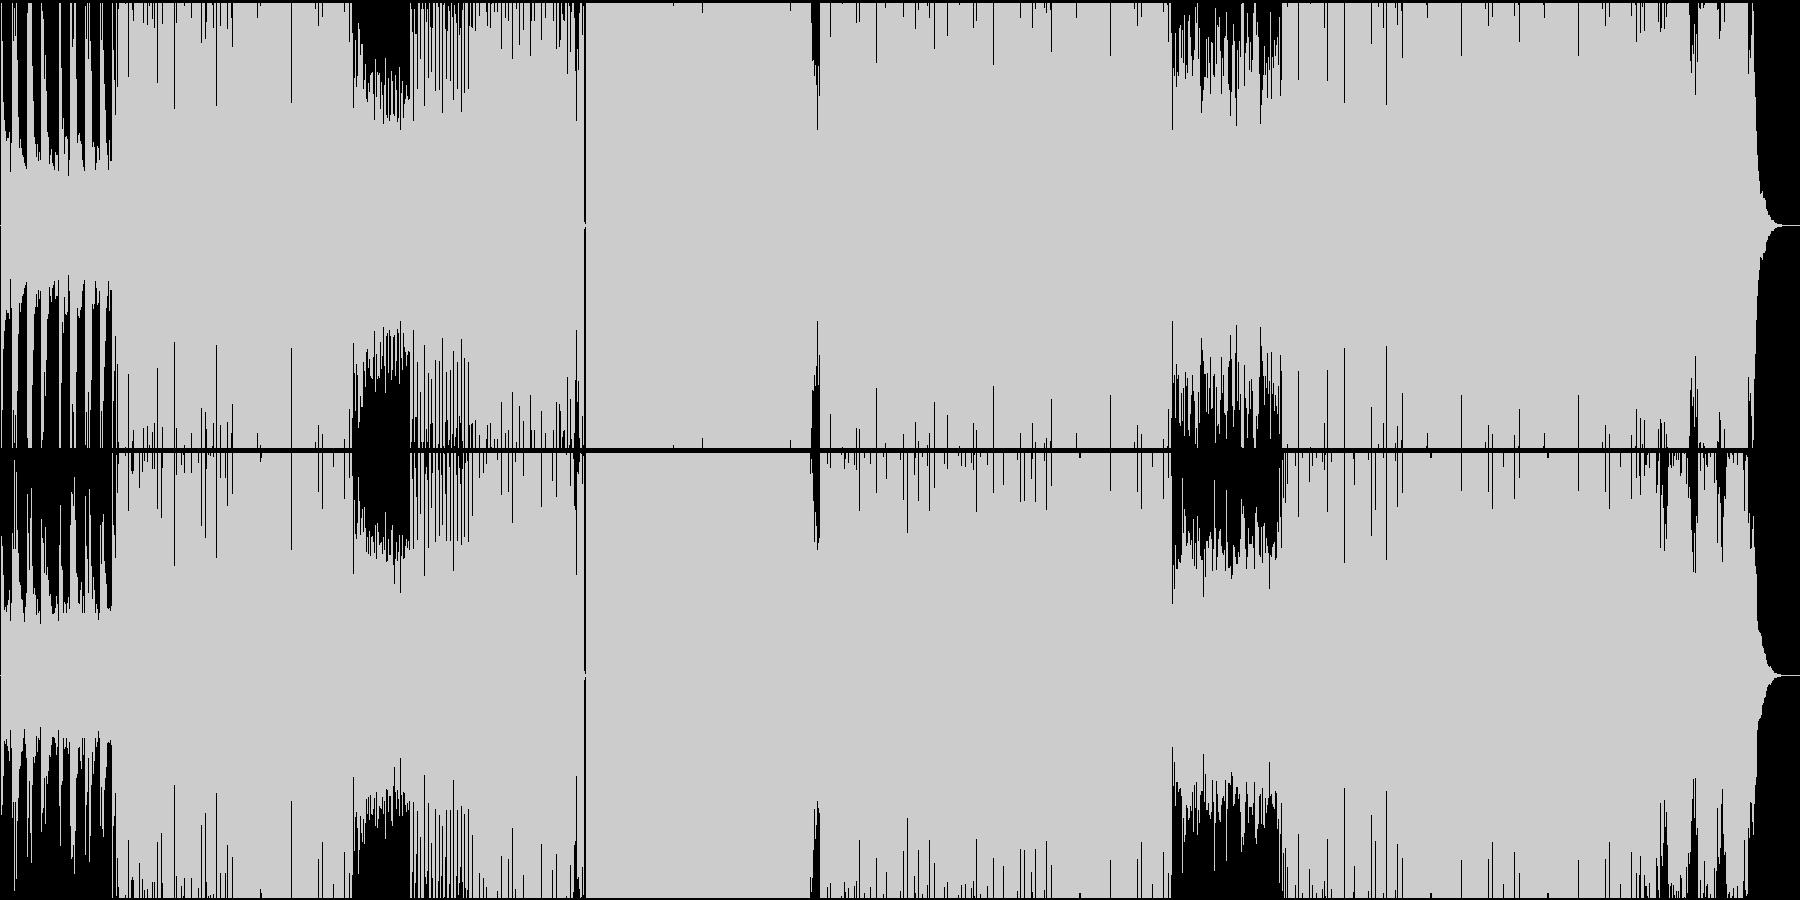 女性ボイスによるカワイイEDMピアノメロの未再生の波形